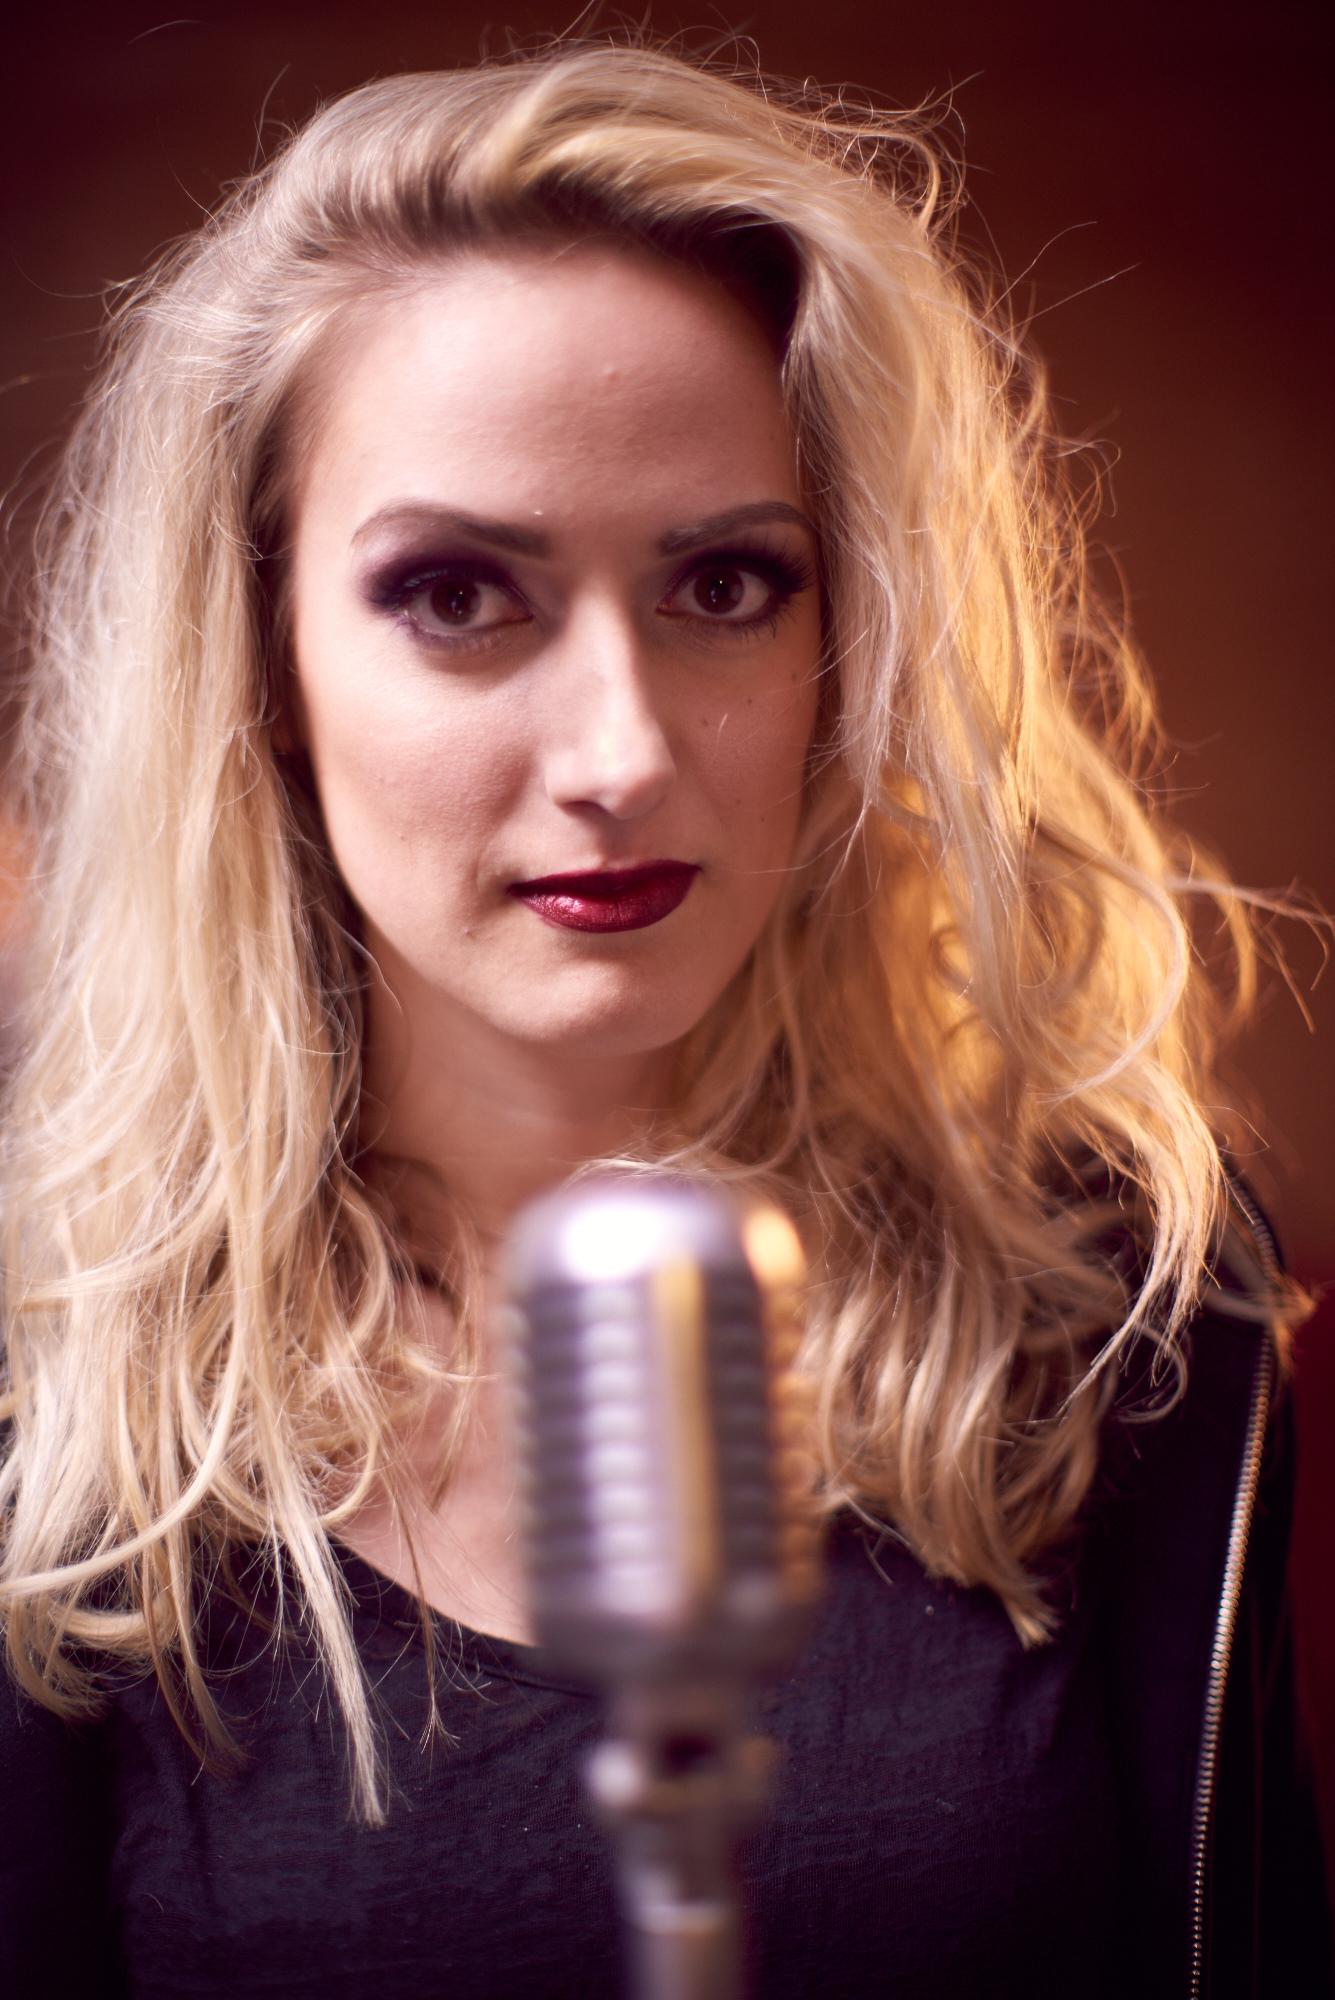 Set Still - Studio DOP: 'Fire by Blondie' music video